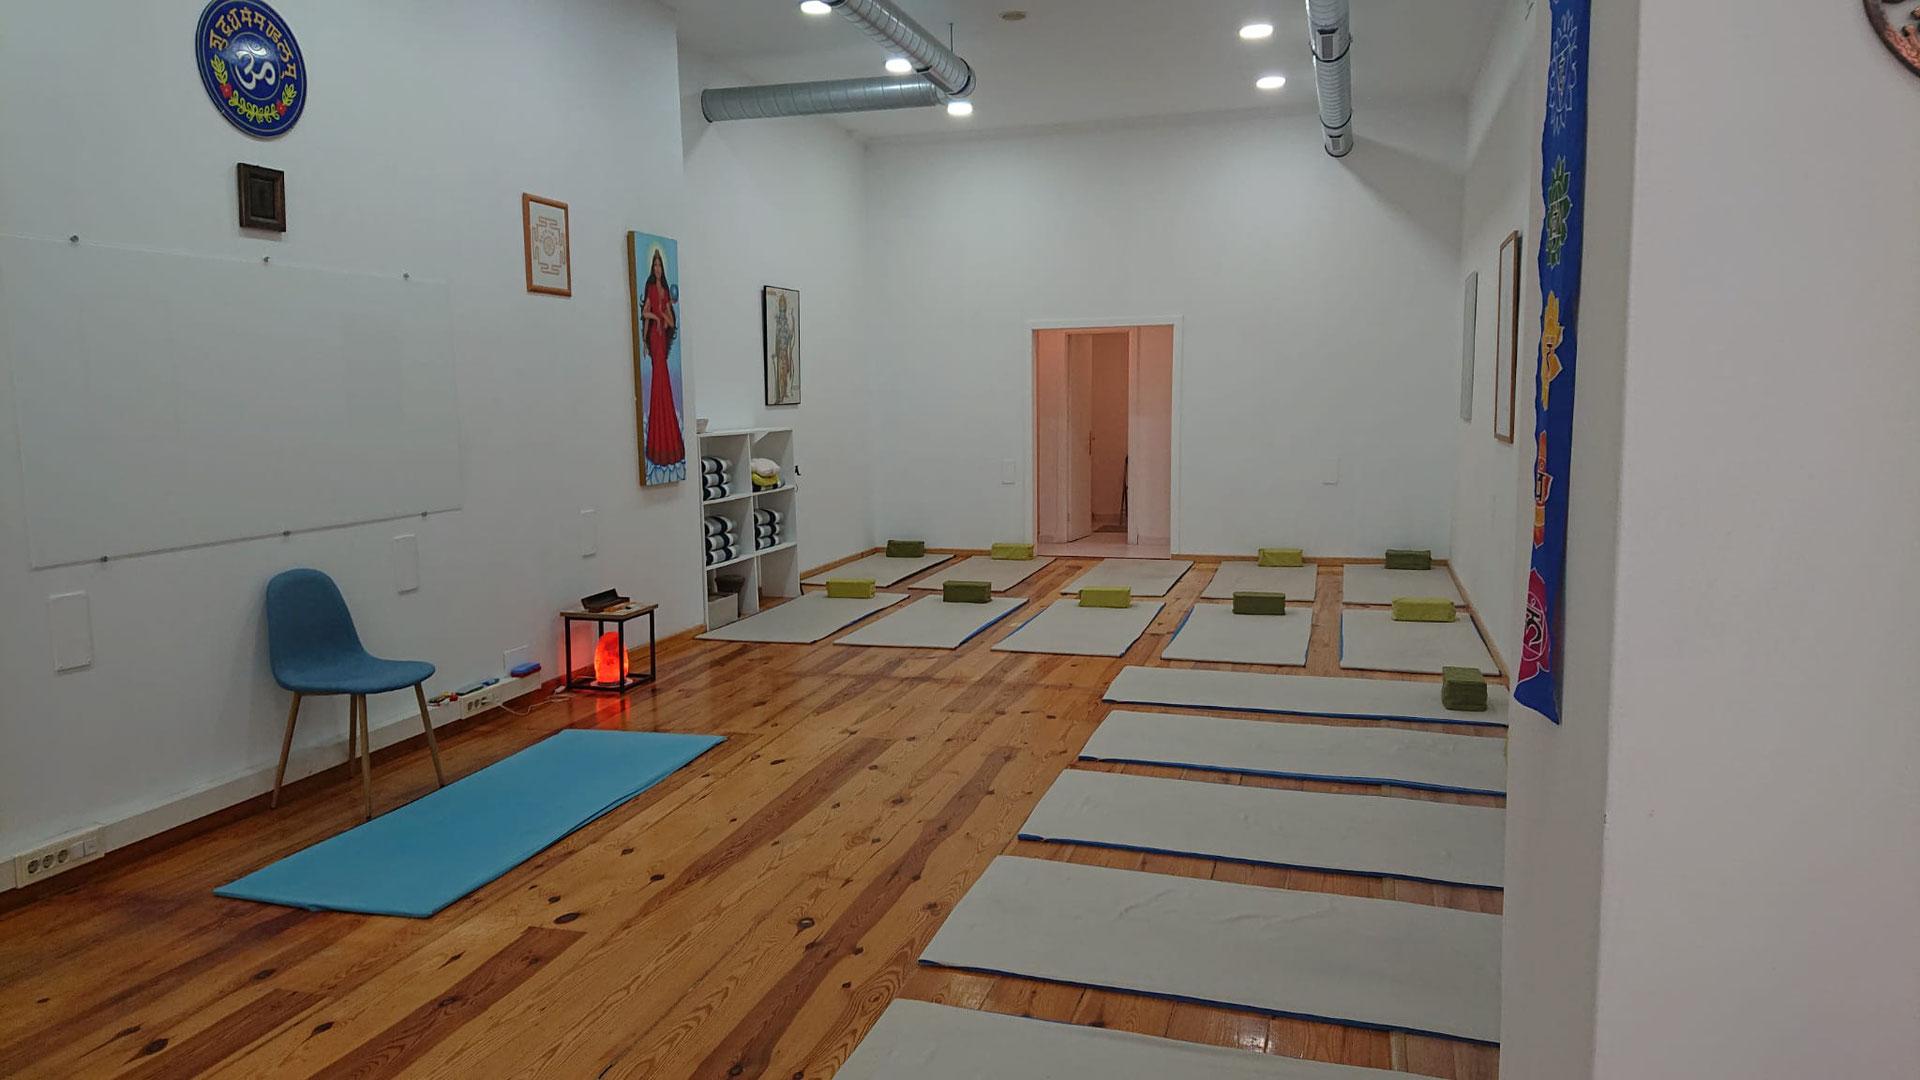 Clases De Yoga En Vigo Galicia Escuela De Meditación Centro De Yoga Kailas En Vigo